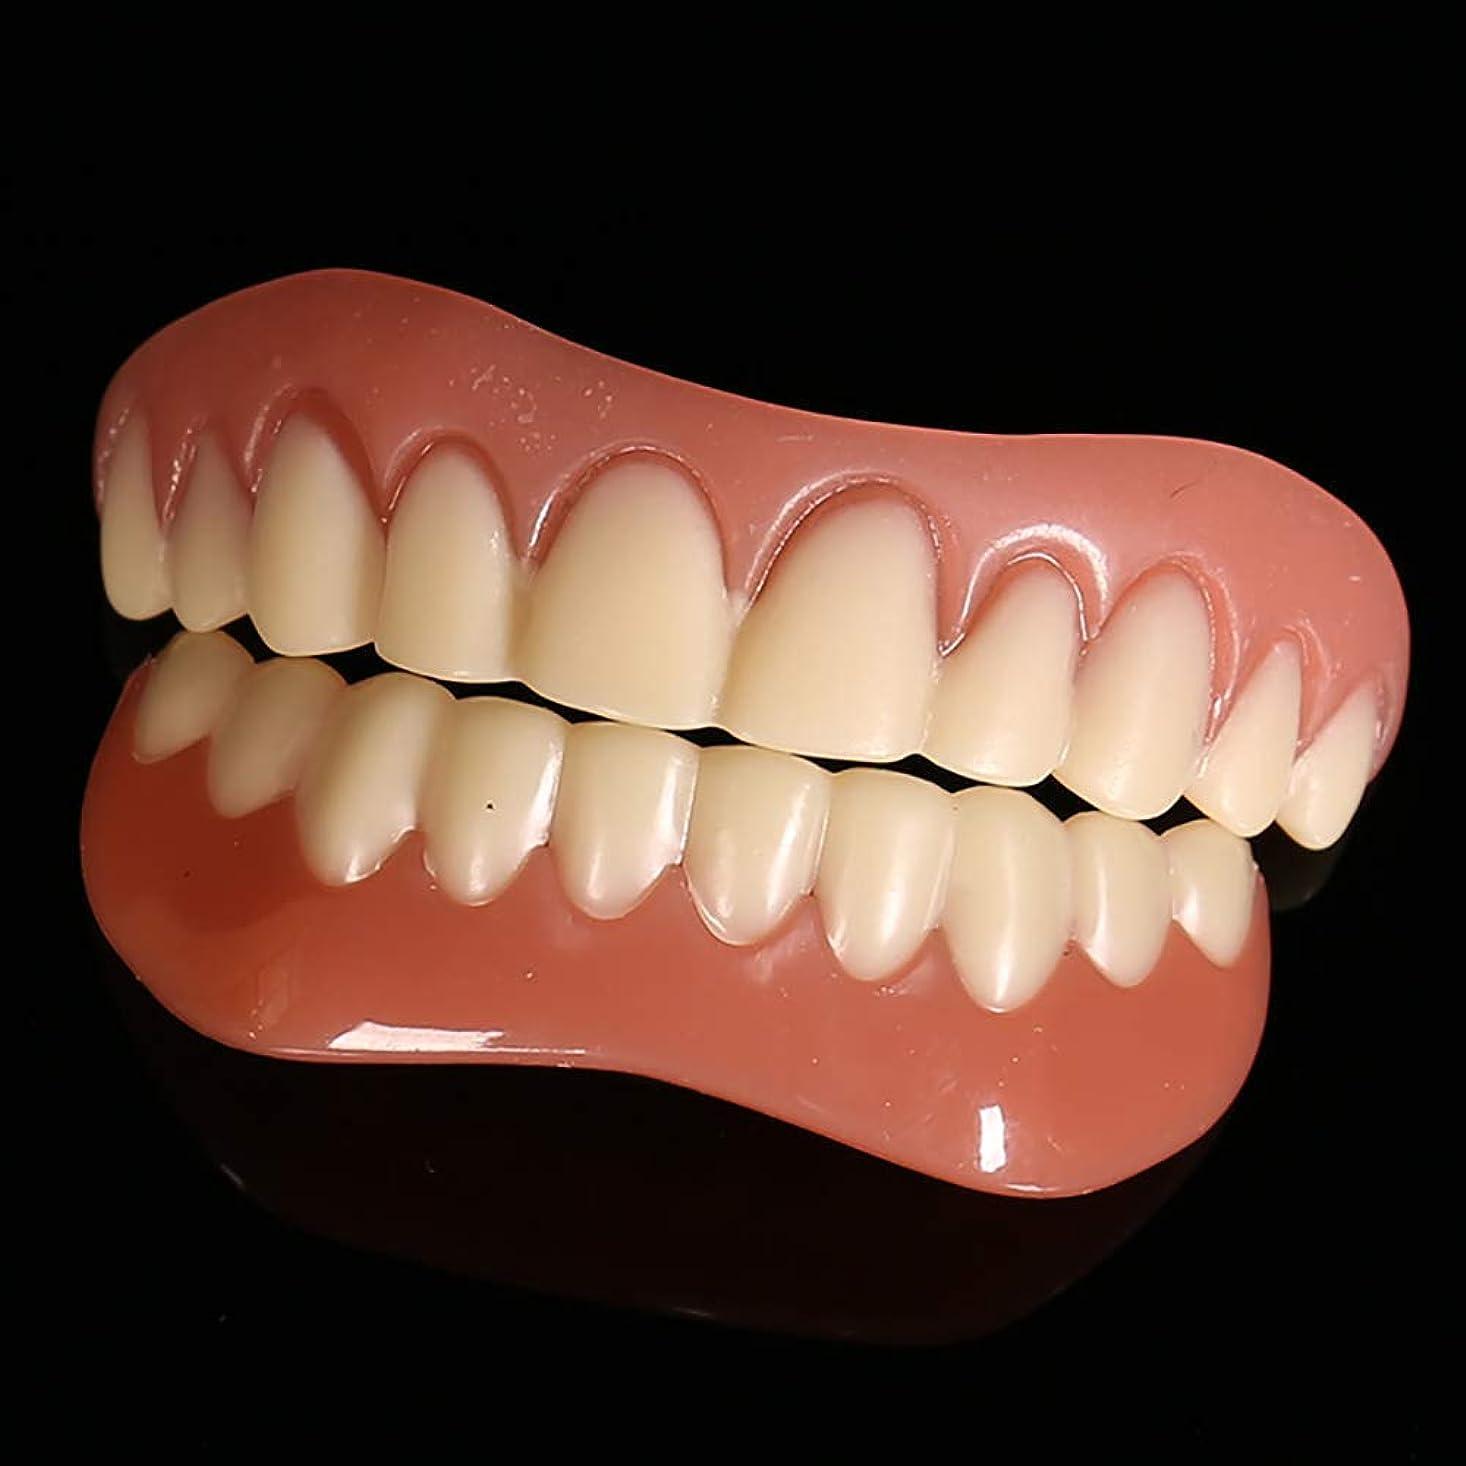 ポルトガル語チャペル下品義歯の口腔ケア完璧な笑顔の上下義歯カバーシリコンブレースのホワイトニングすべての義歯ケアツールに適しています,1pairs